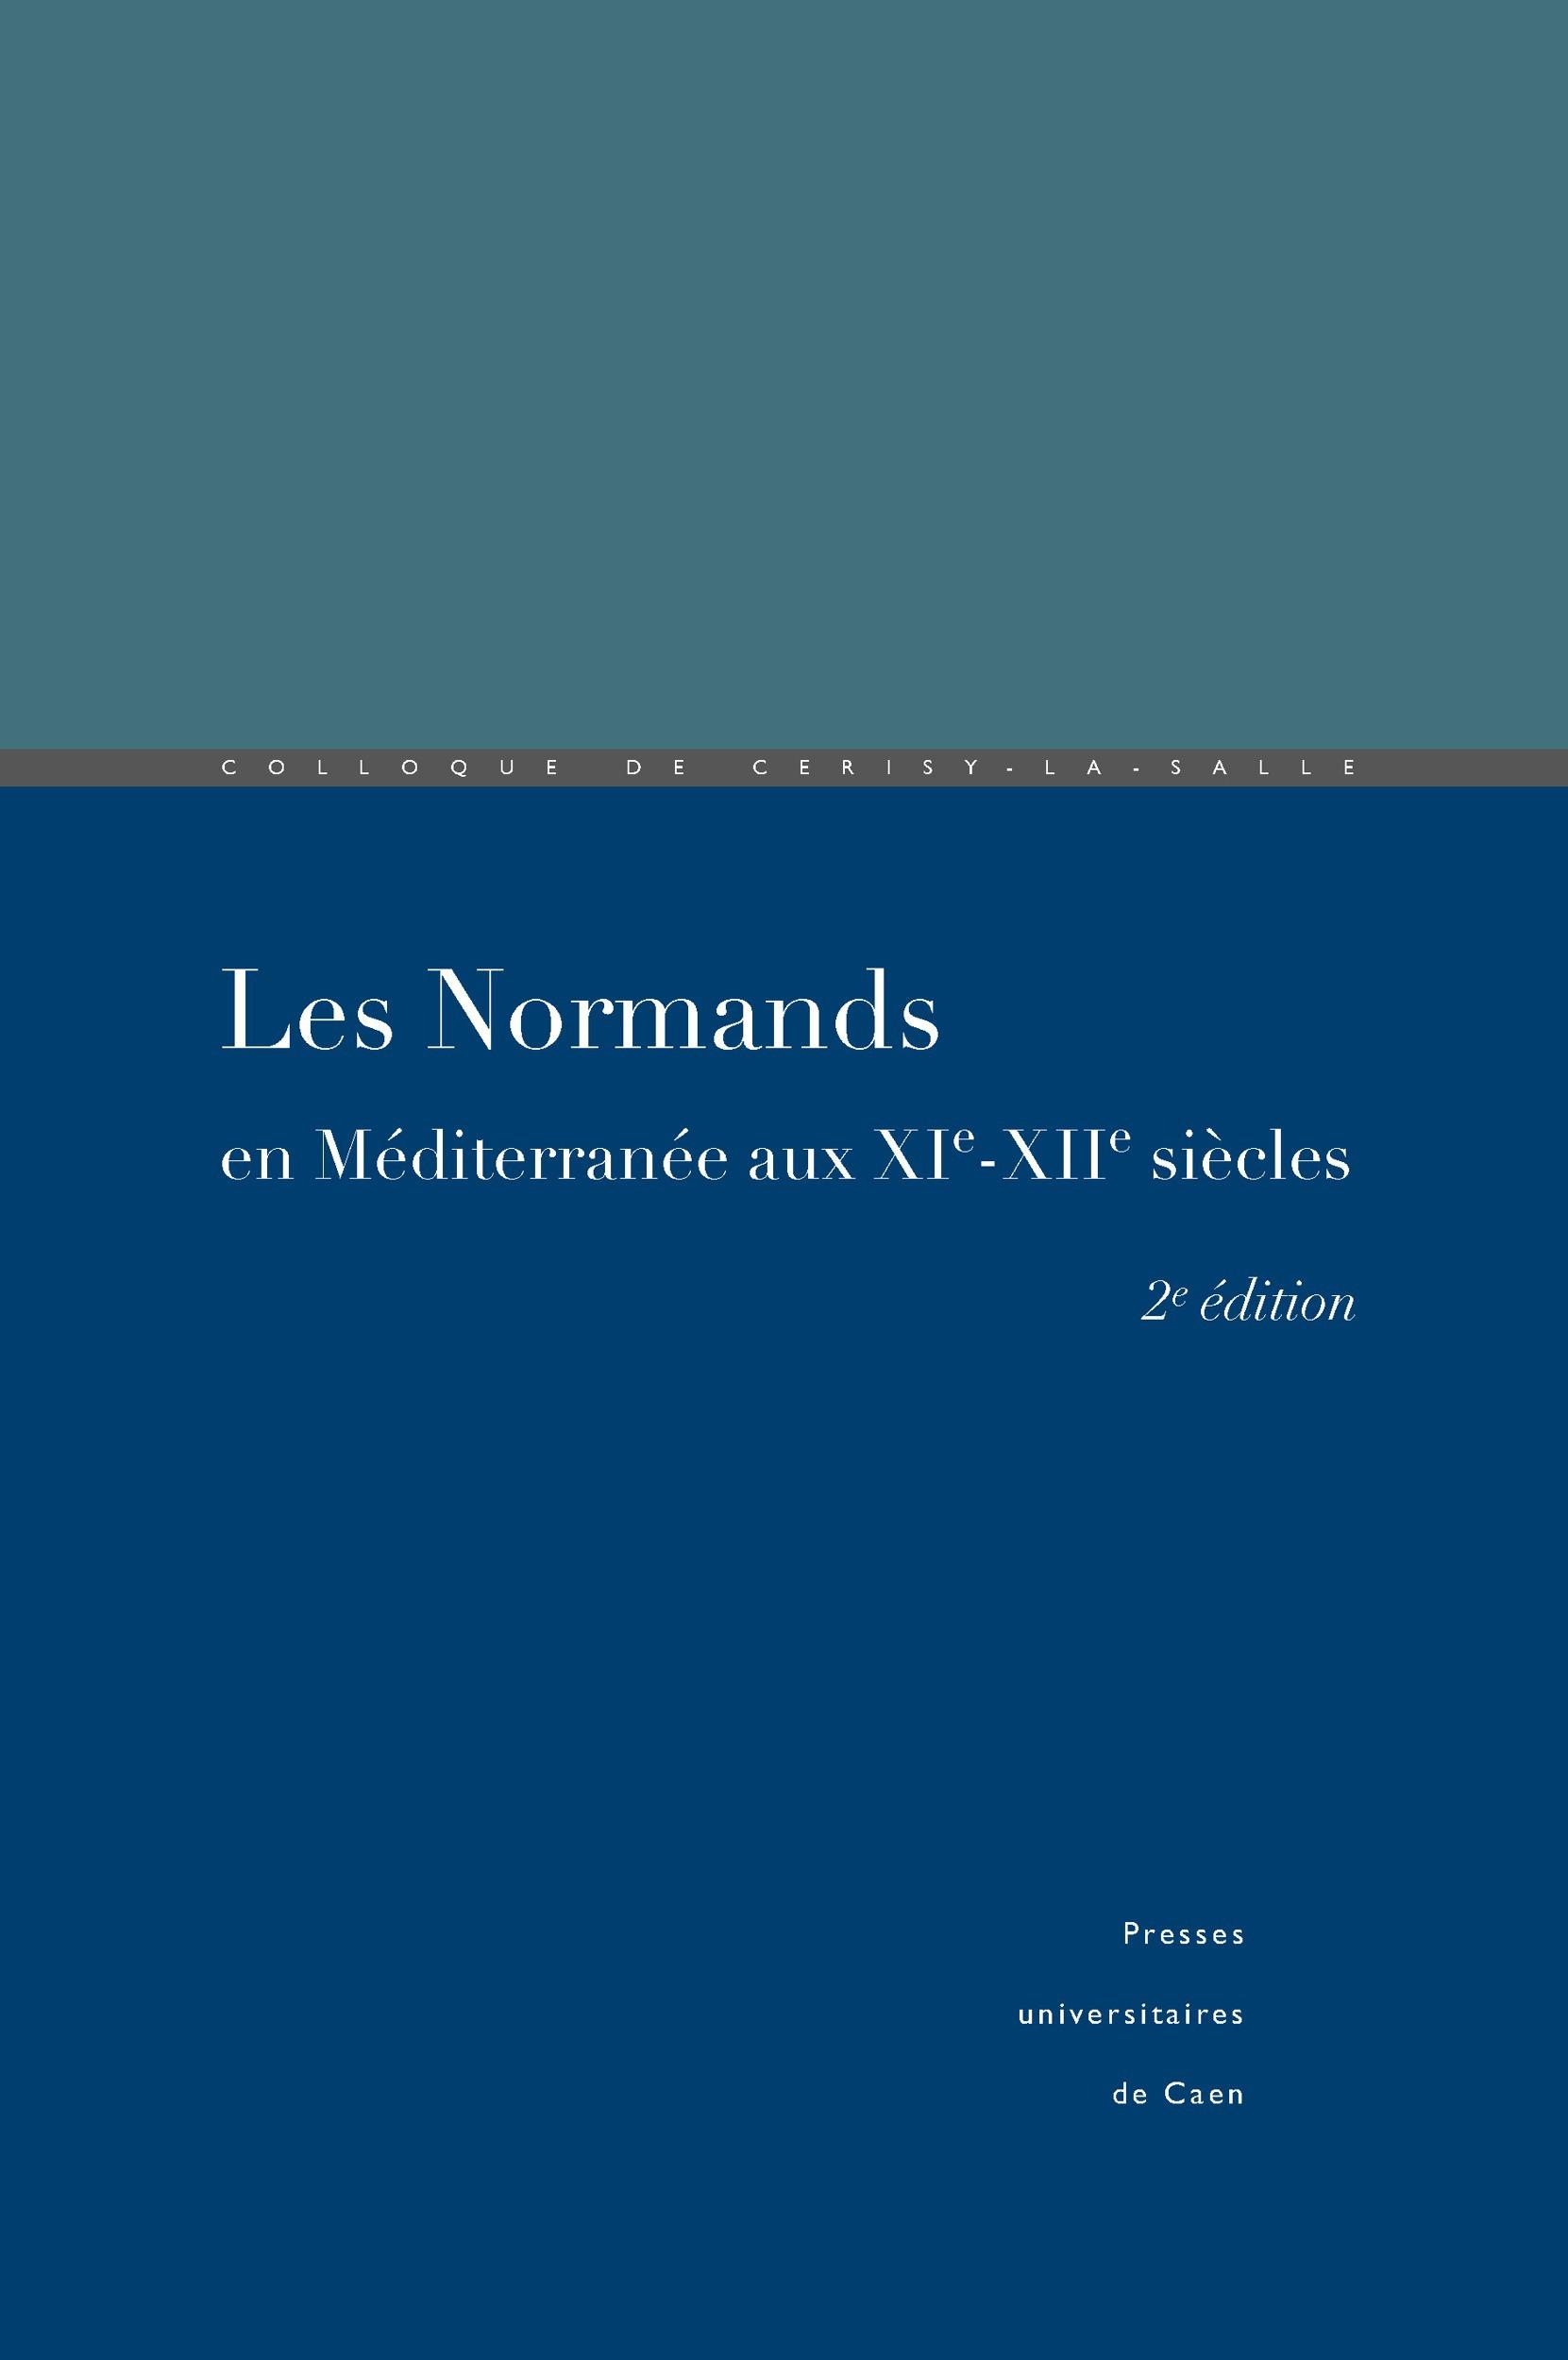 Les Normands en Méditerranée aux XIe-XIIe siècles